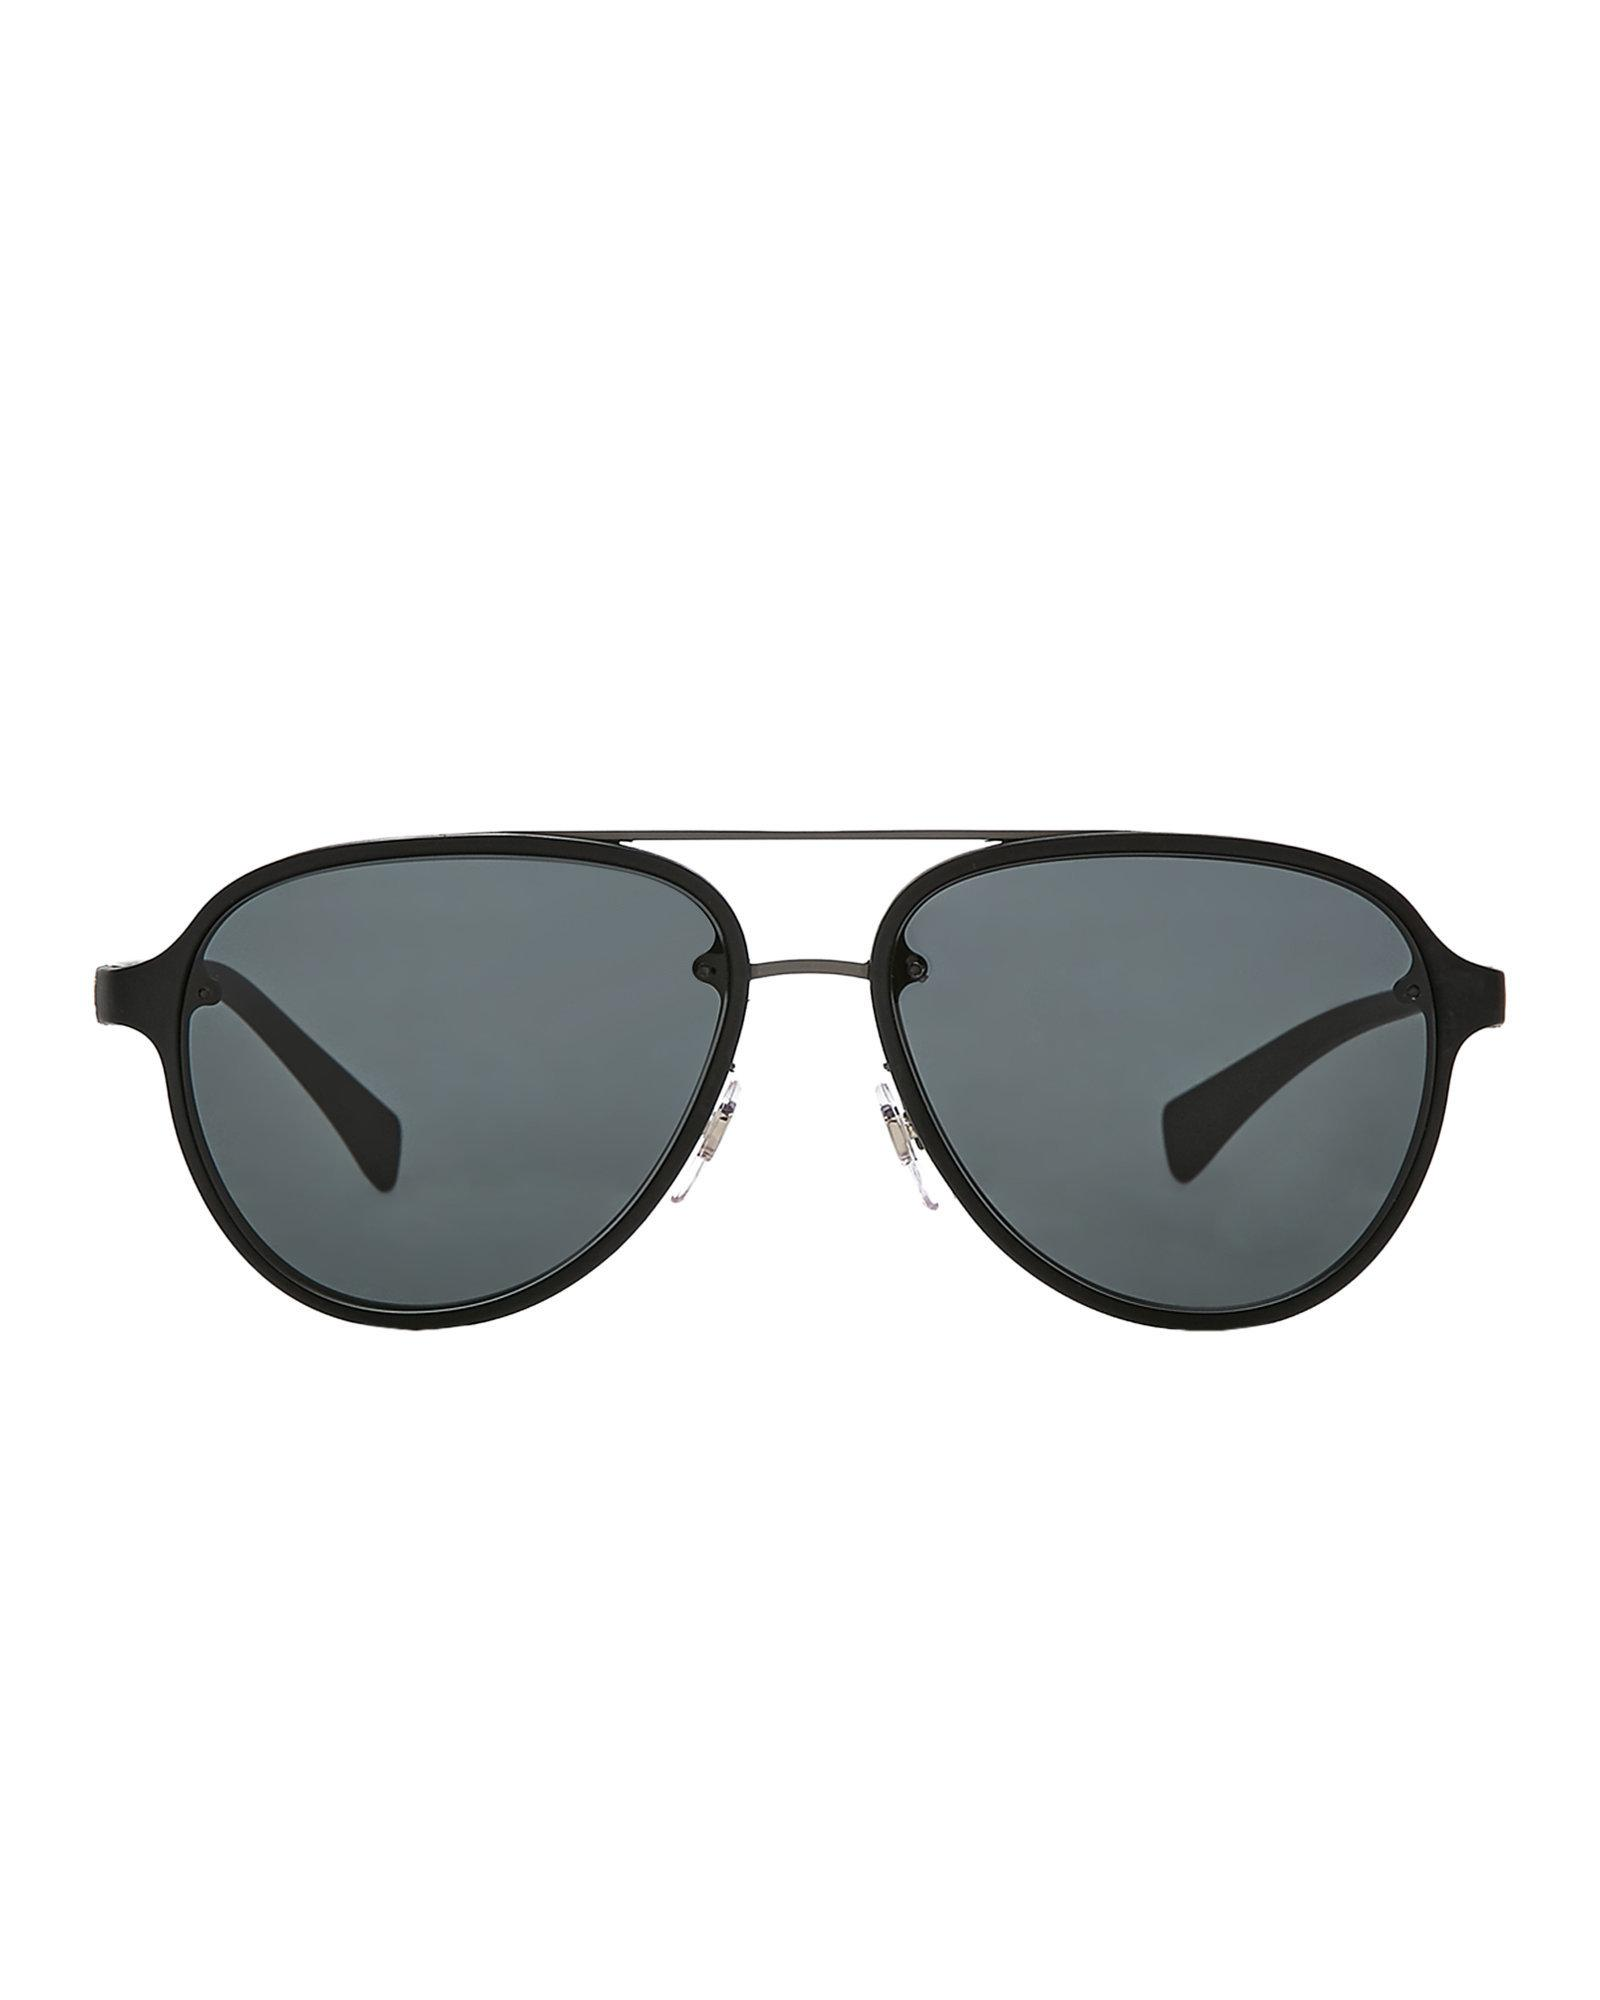 18e7c39f30e1b Prada Sport Sps 52s Black Aviator Sunglasses in Black for Men - Lyst